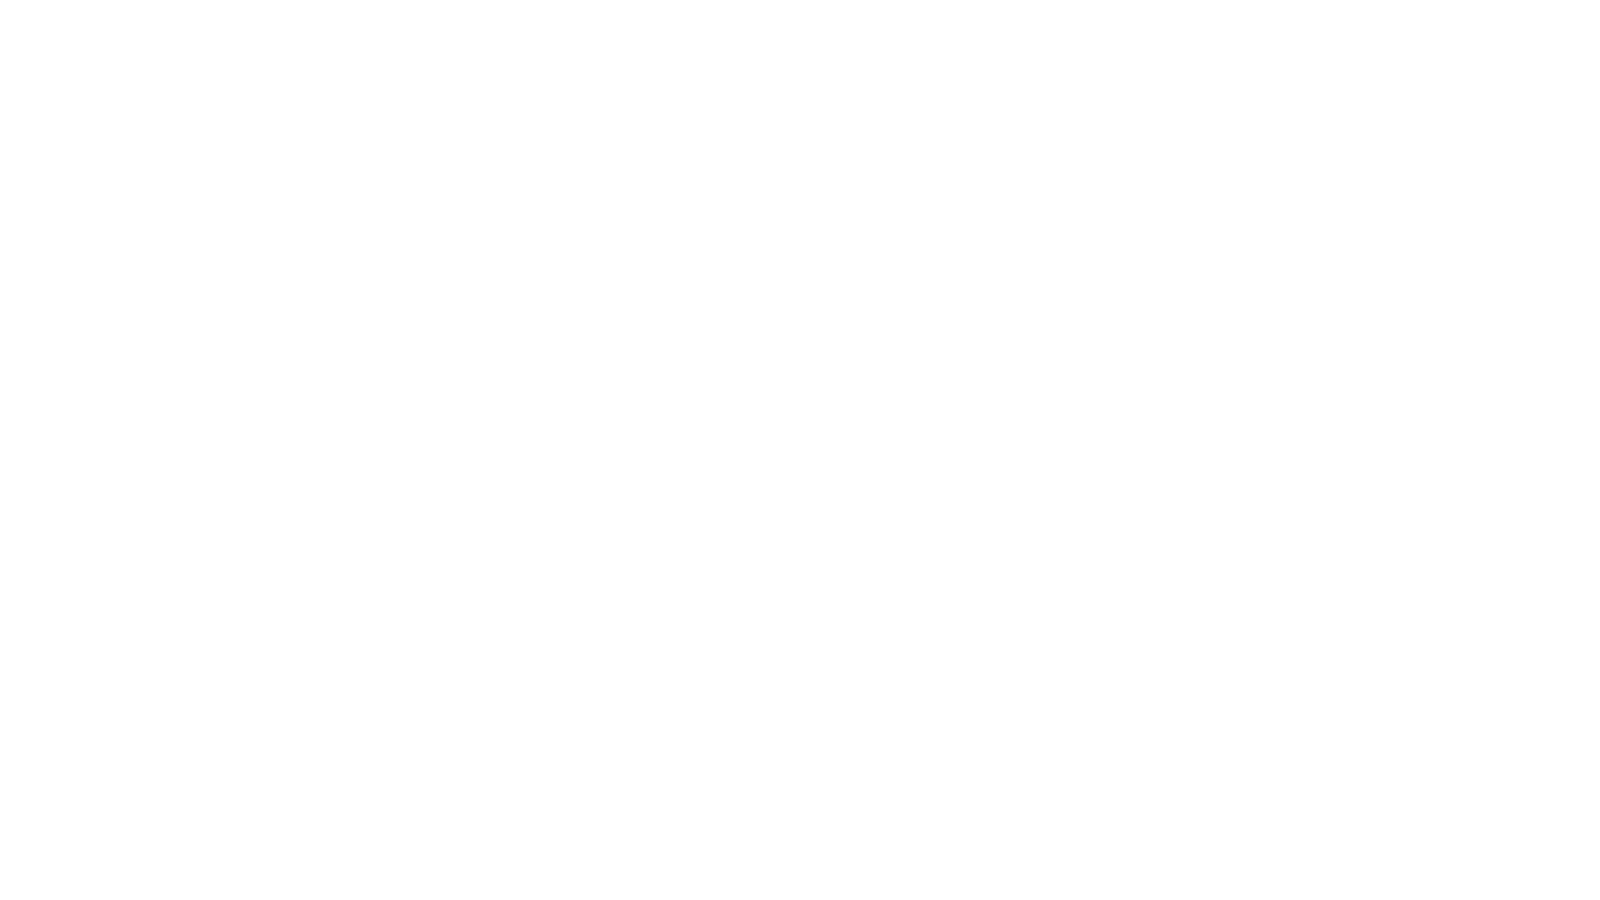 Profitriathletin Daniela Bleymehl, Deutsche Meisterin, Vize-Europameisterin, Challenge Roth-Siegerin, dreifache Ironman-Siegerin und Neunte beim Ironman Hawaii, gibt im ersten BESTZEIT-Talk nicht nur Einblick in ihren Tagesablauf, sondern auch Tipps zum Training, Equipment, Ernährung und Mentalcoaching. Und natürlich sprechen wir auch über ihre zweite Schwangerschaft.